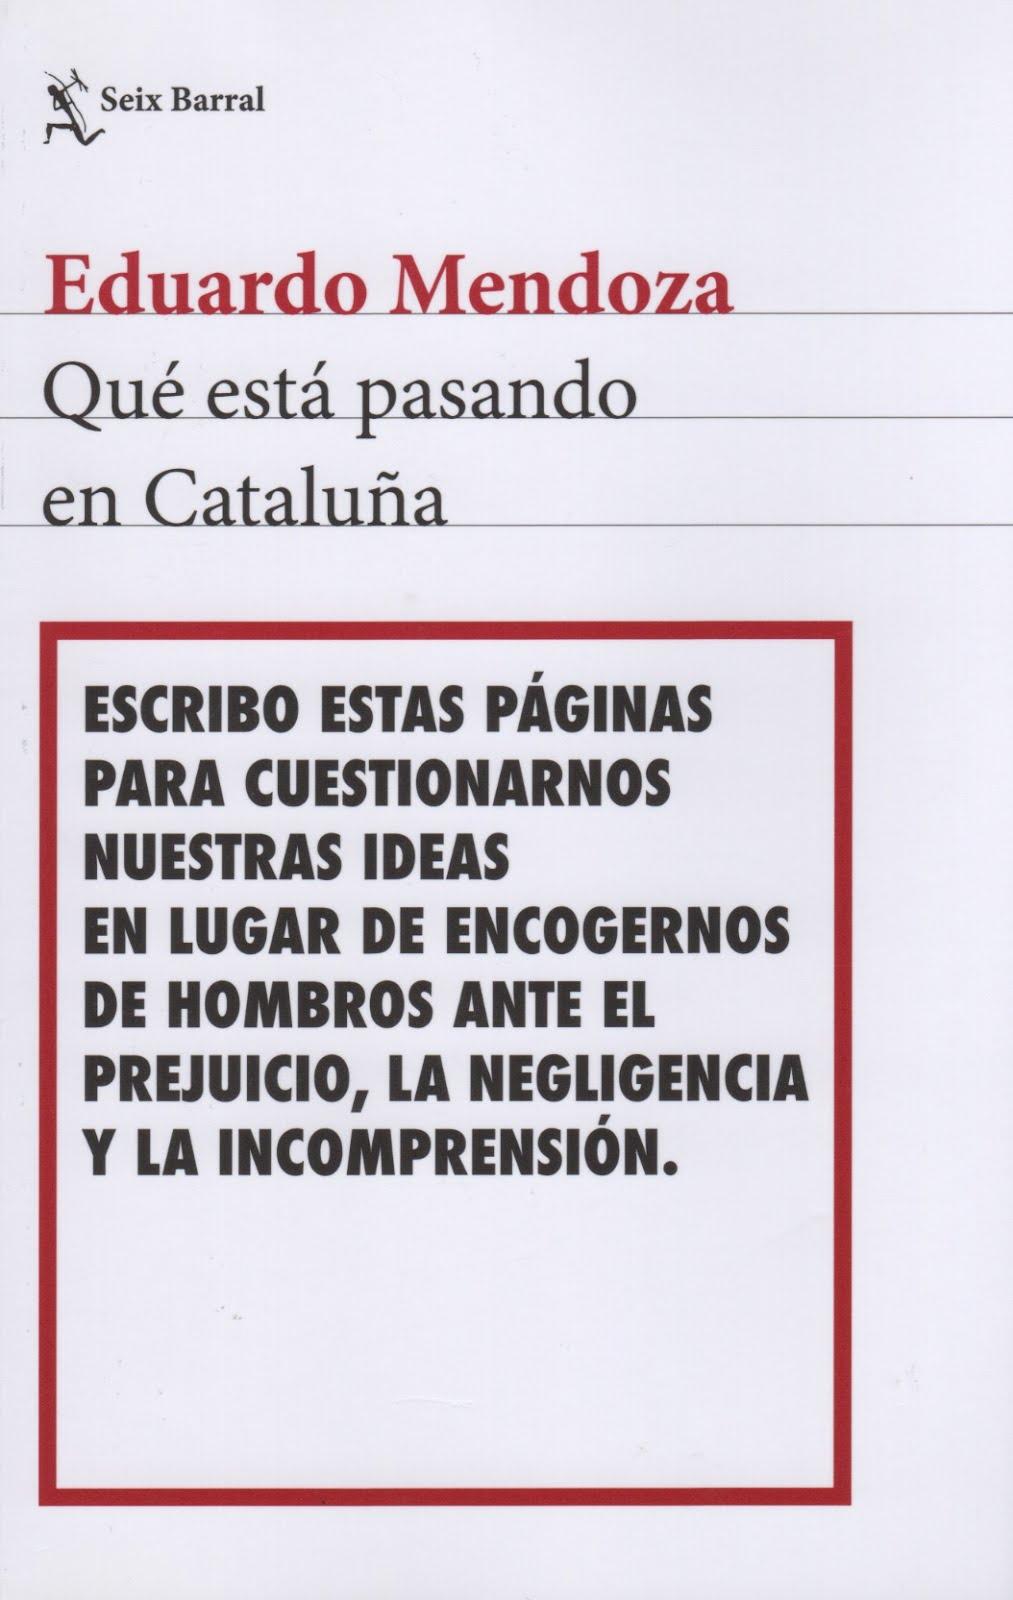 Eduardo Mendoza (Qué está pasando en Cataluña)